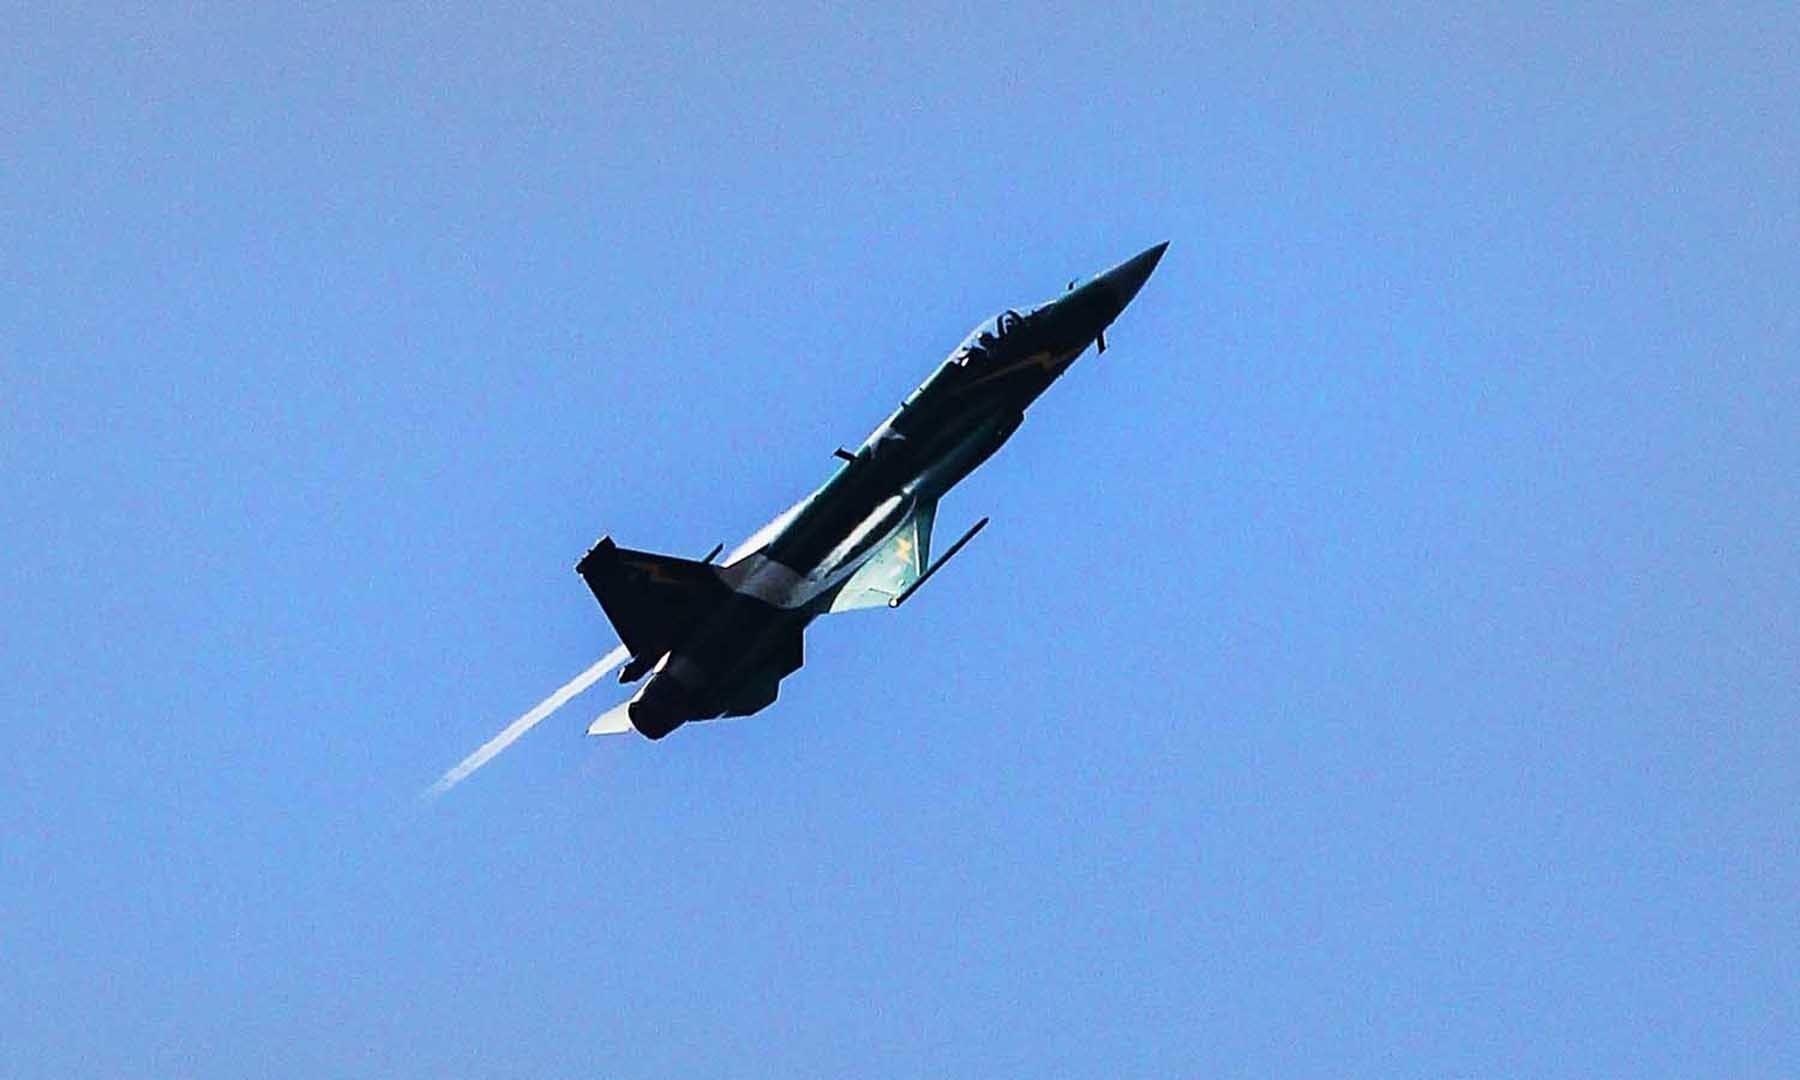 جے ایف-17 تھنڈر—محمد عثمان